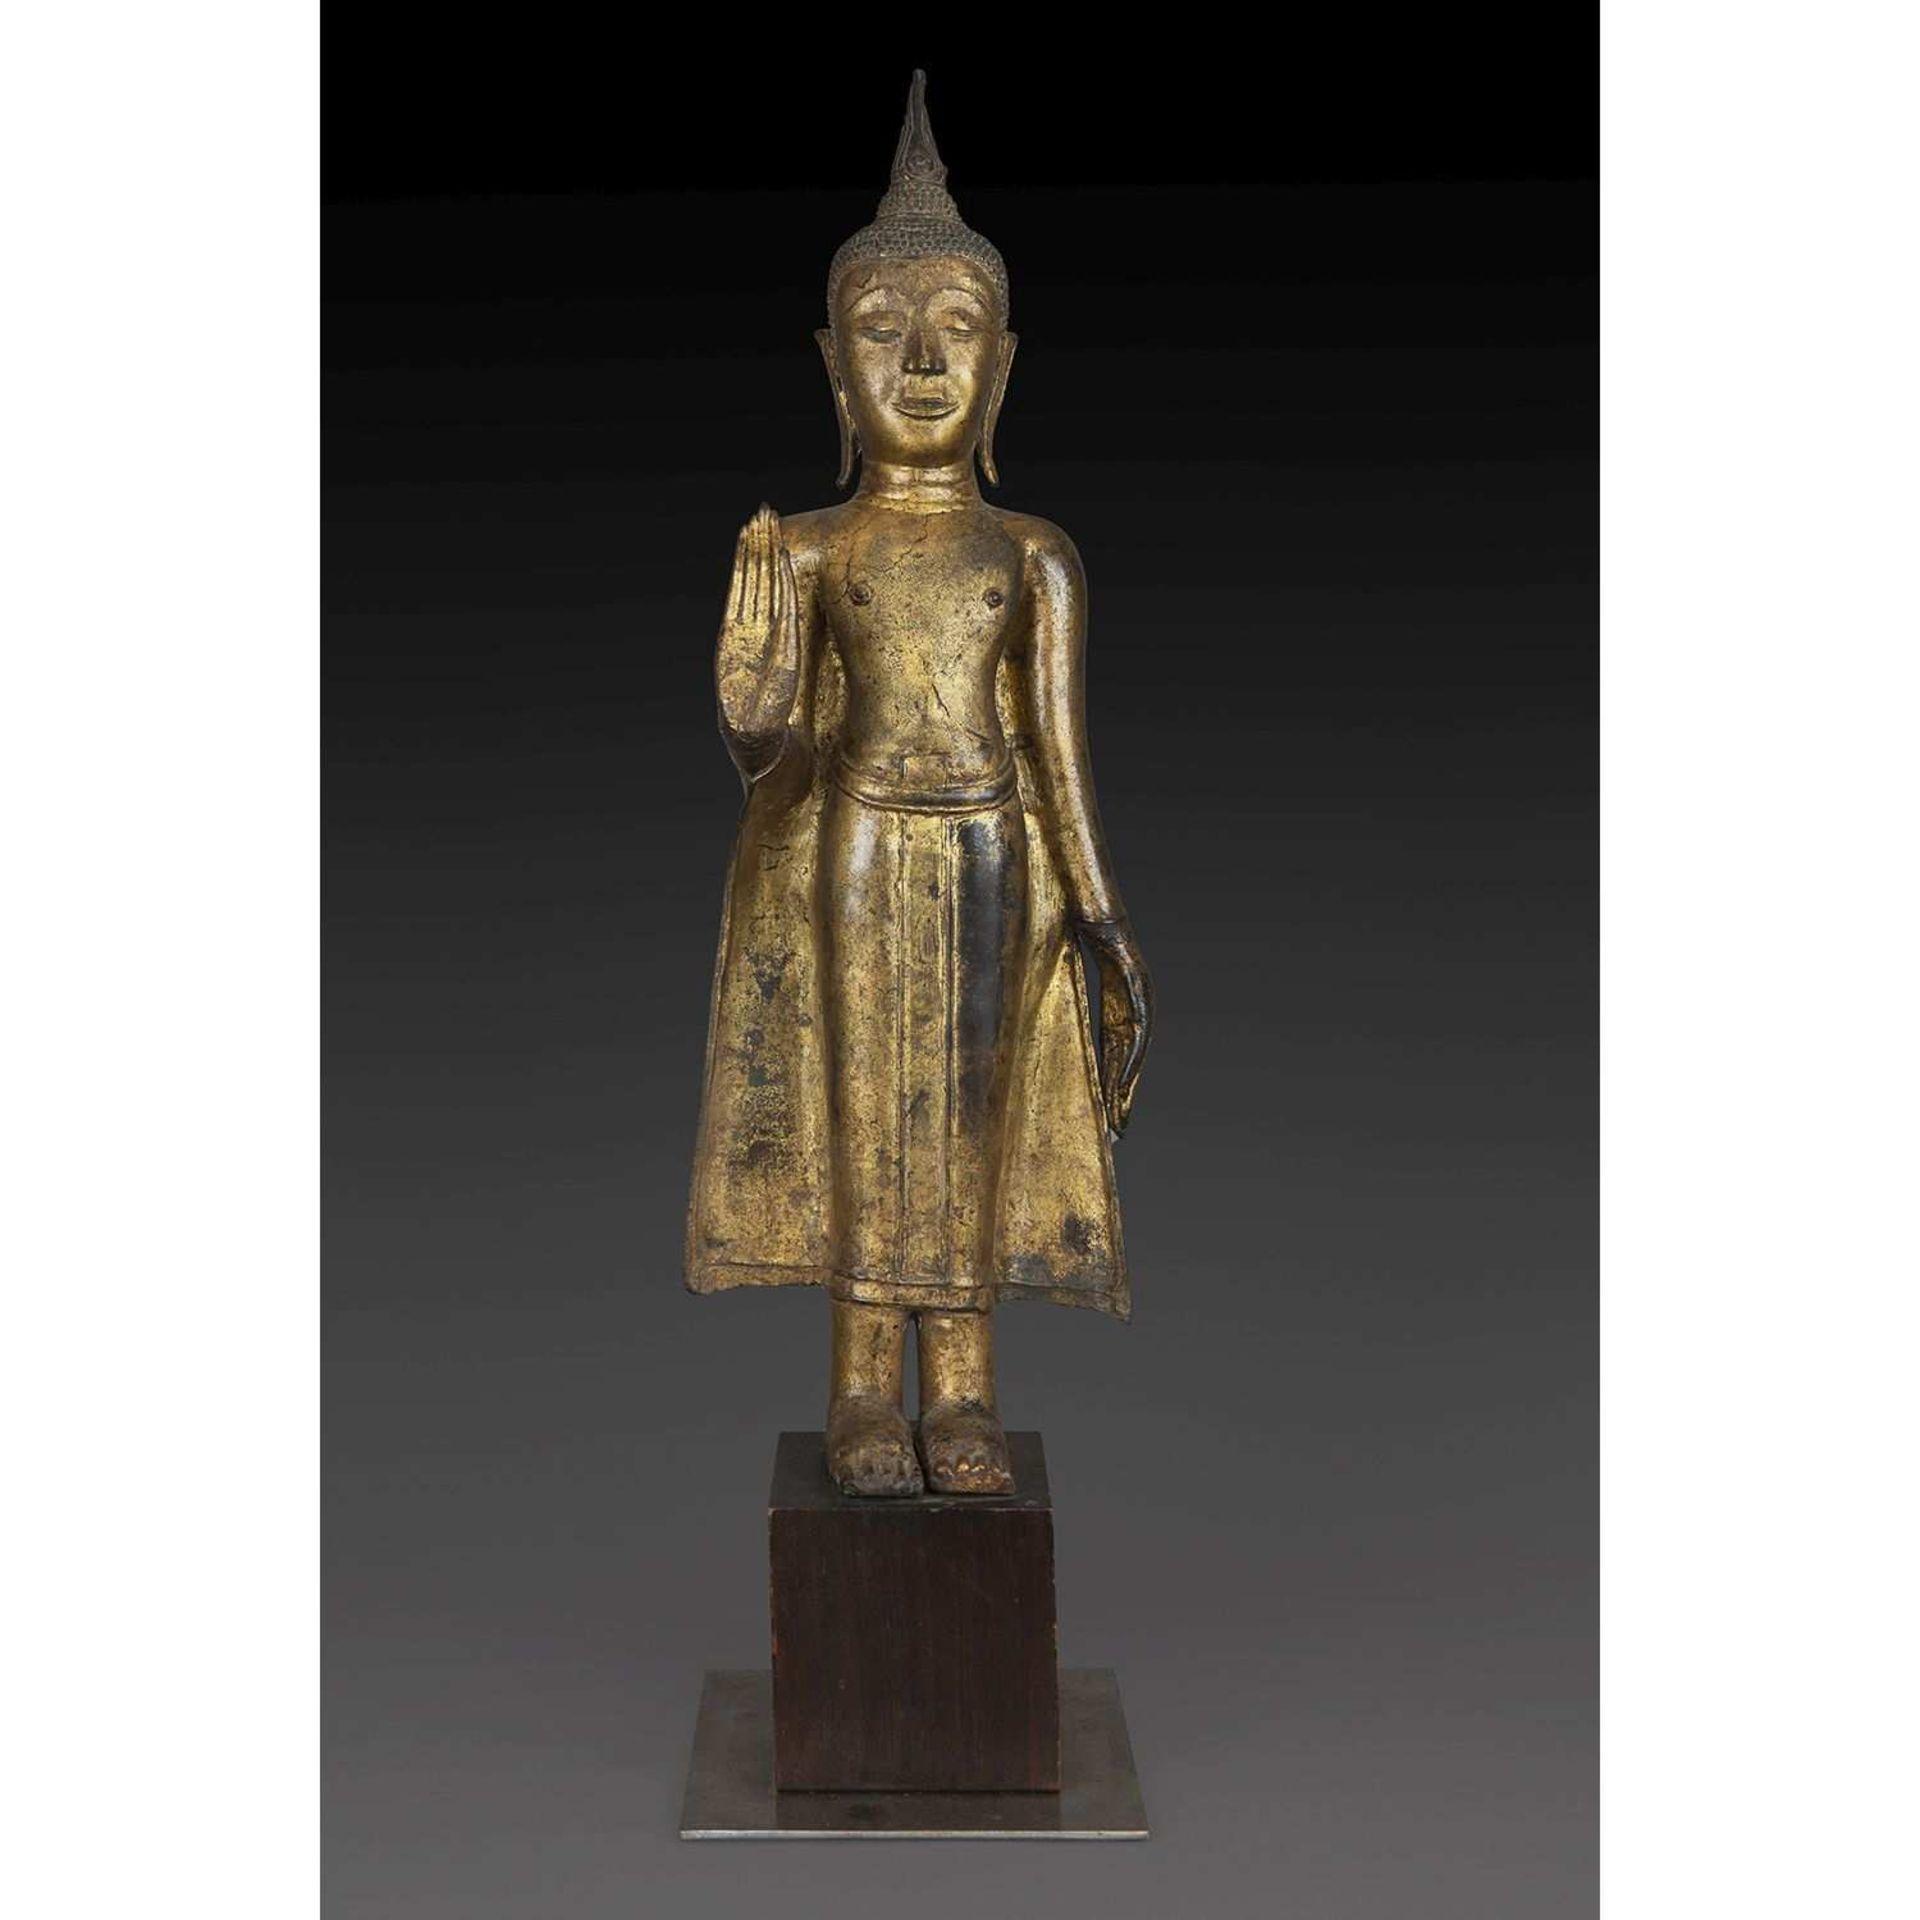 GRANDE STATUETTE DE BOUDDHA SHAKYAMUNI en bronze laqué or, représenté debout, la main droite faisant